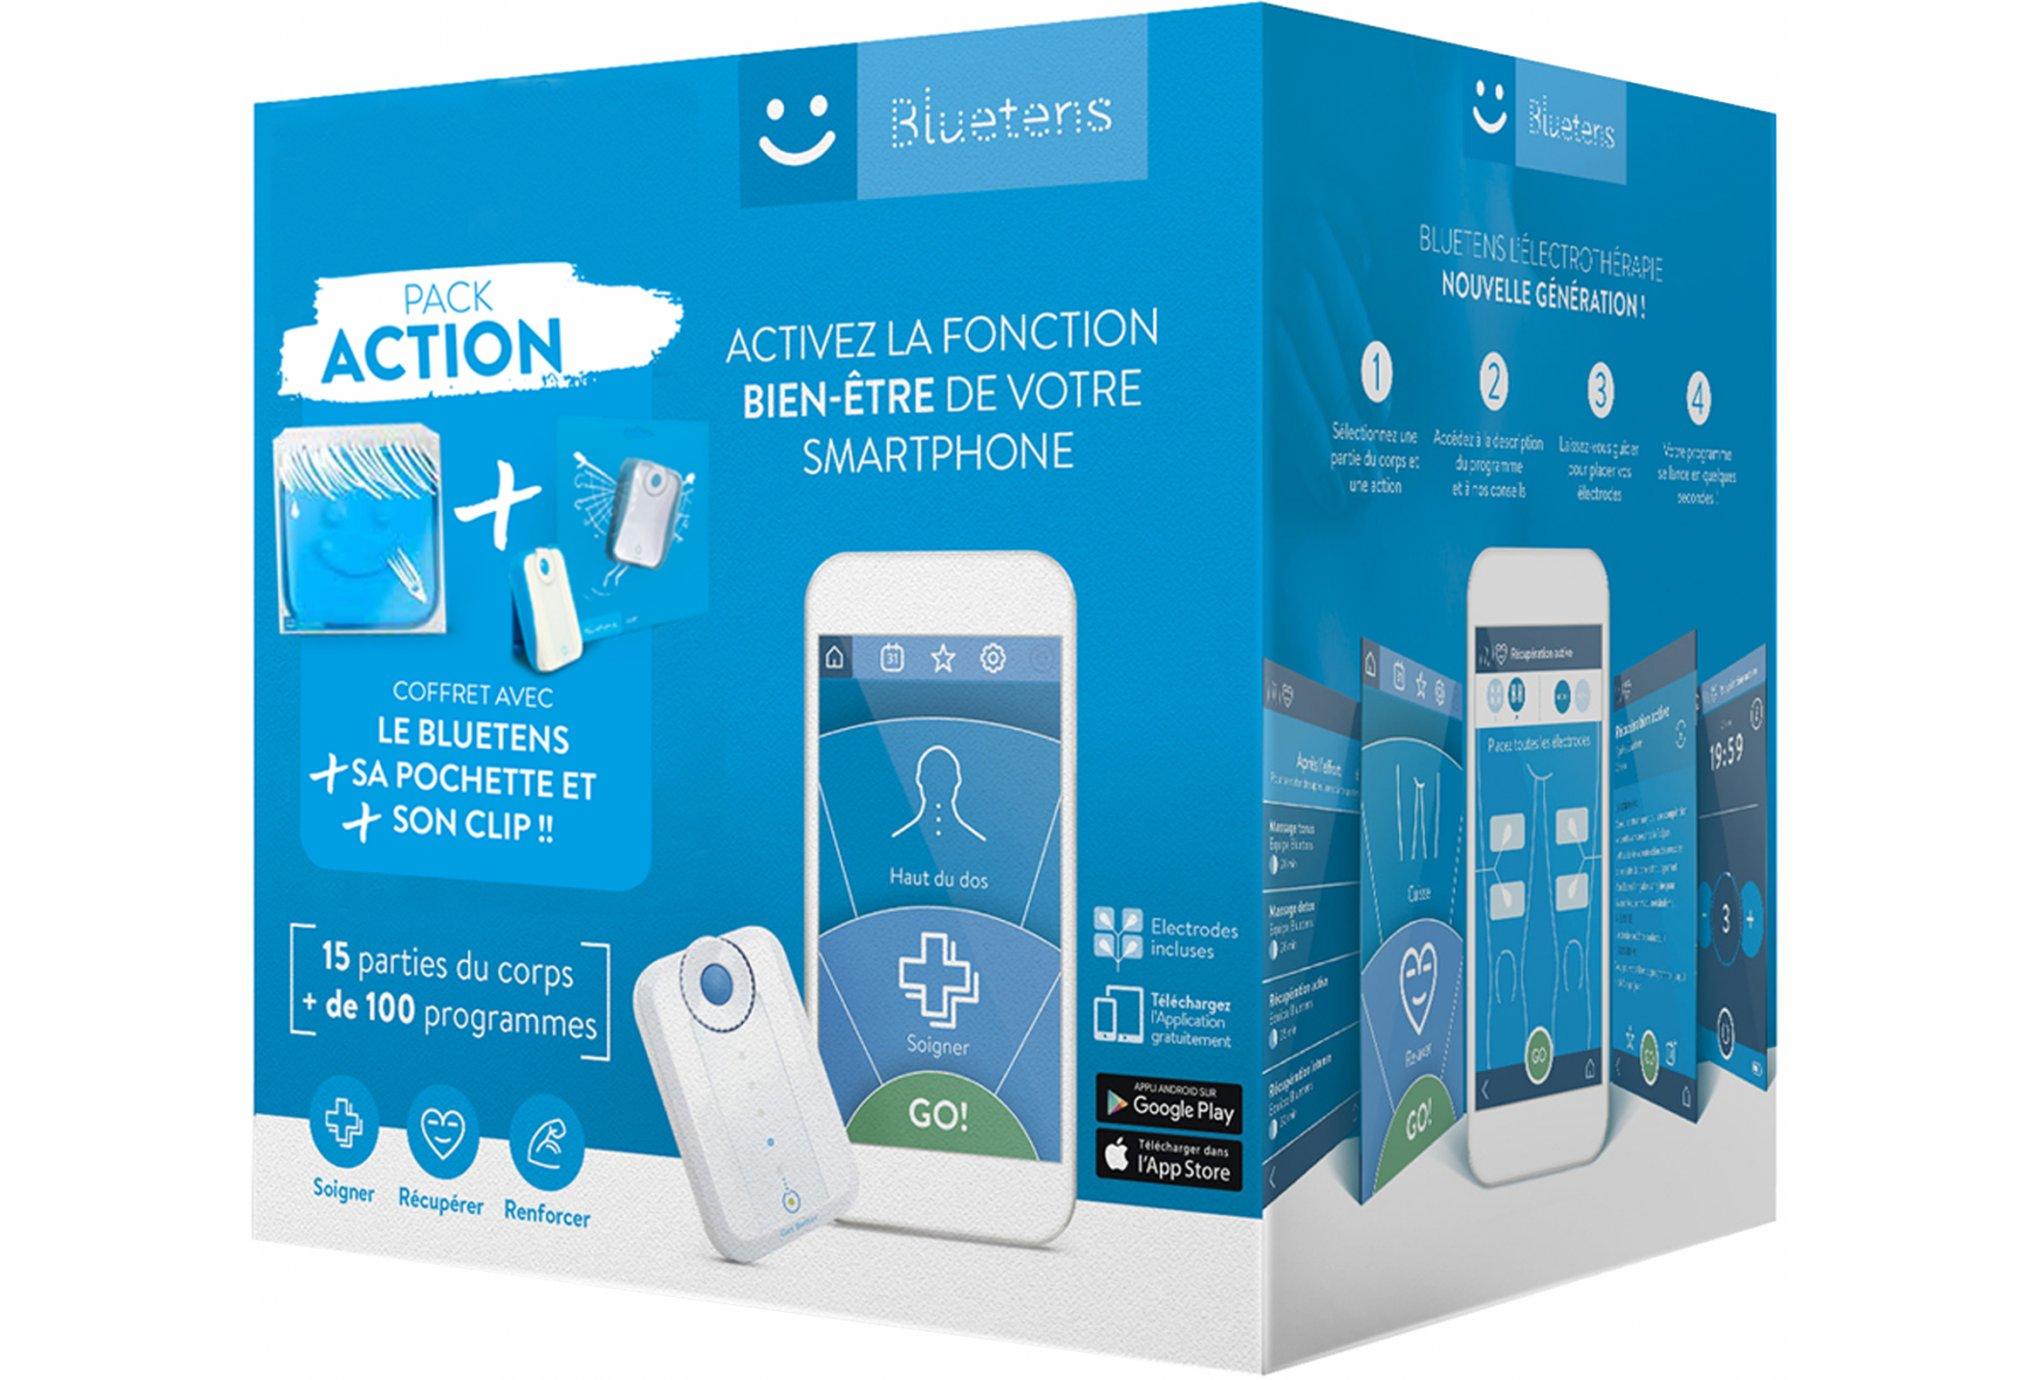 Coffret Electrostimulation Bluetens Pack Action